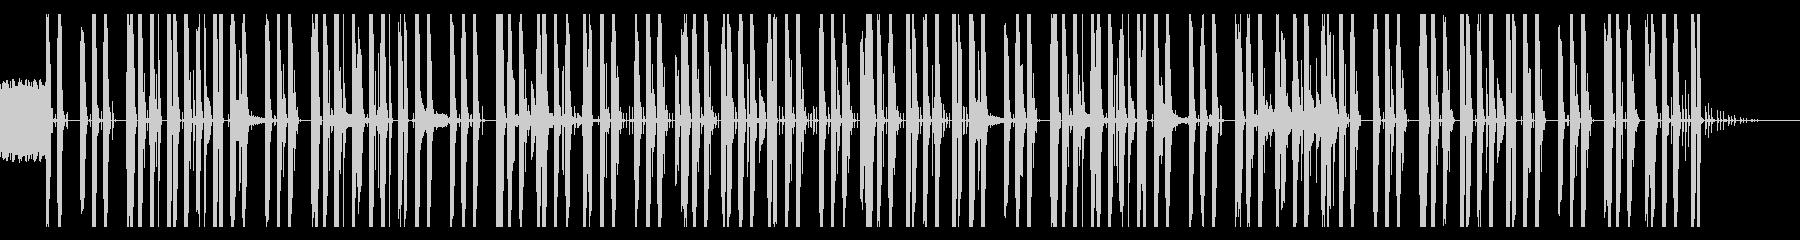 忍び寄る感じのビートのテクノっぽい曲の未再生の波形